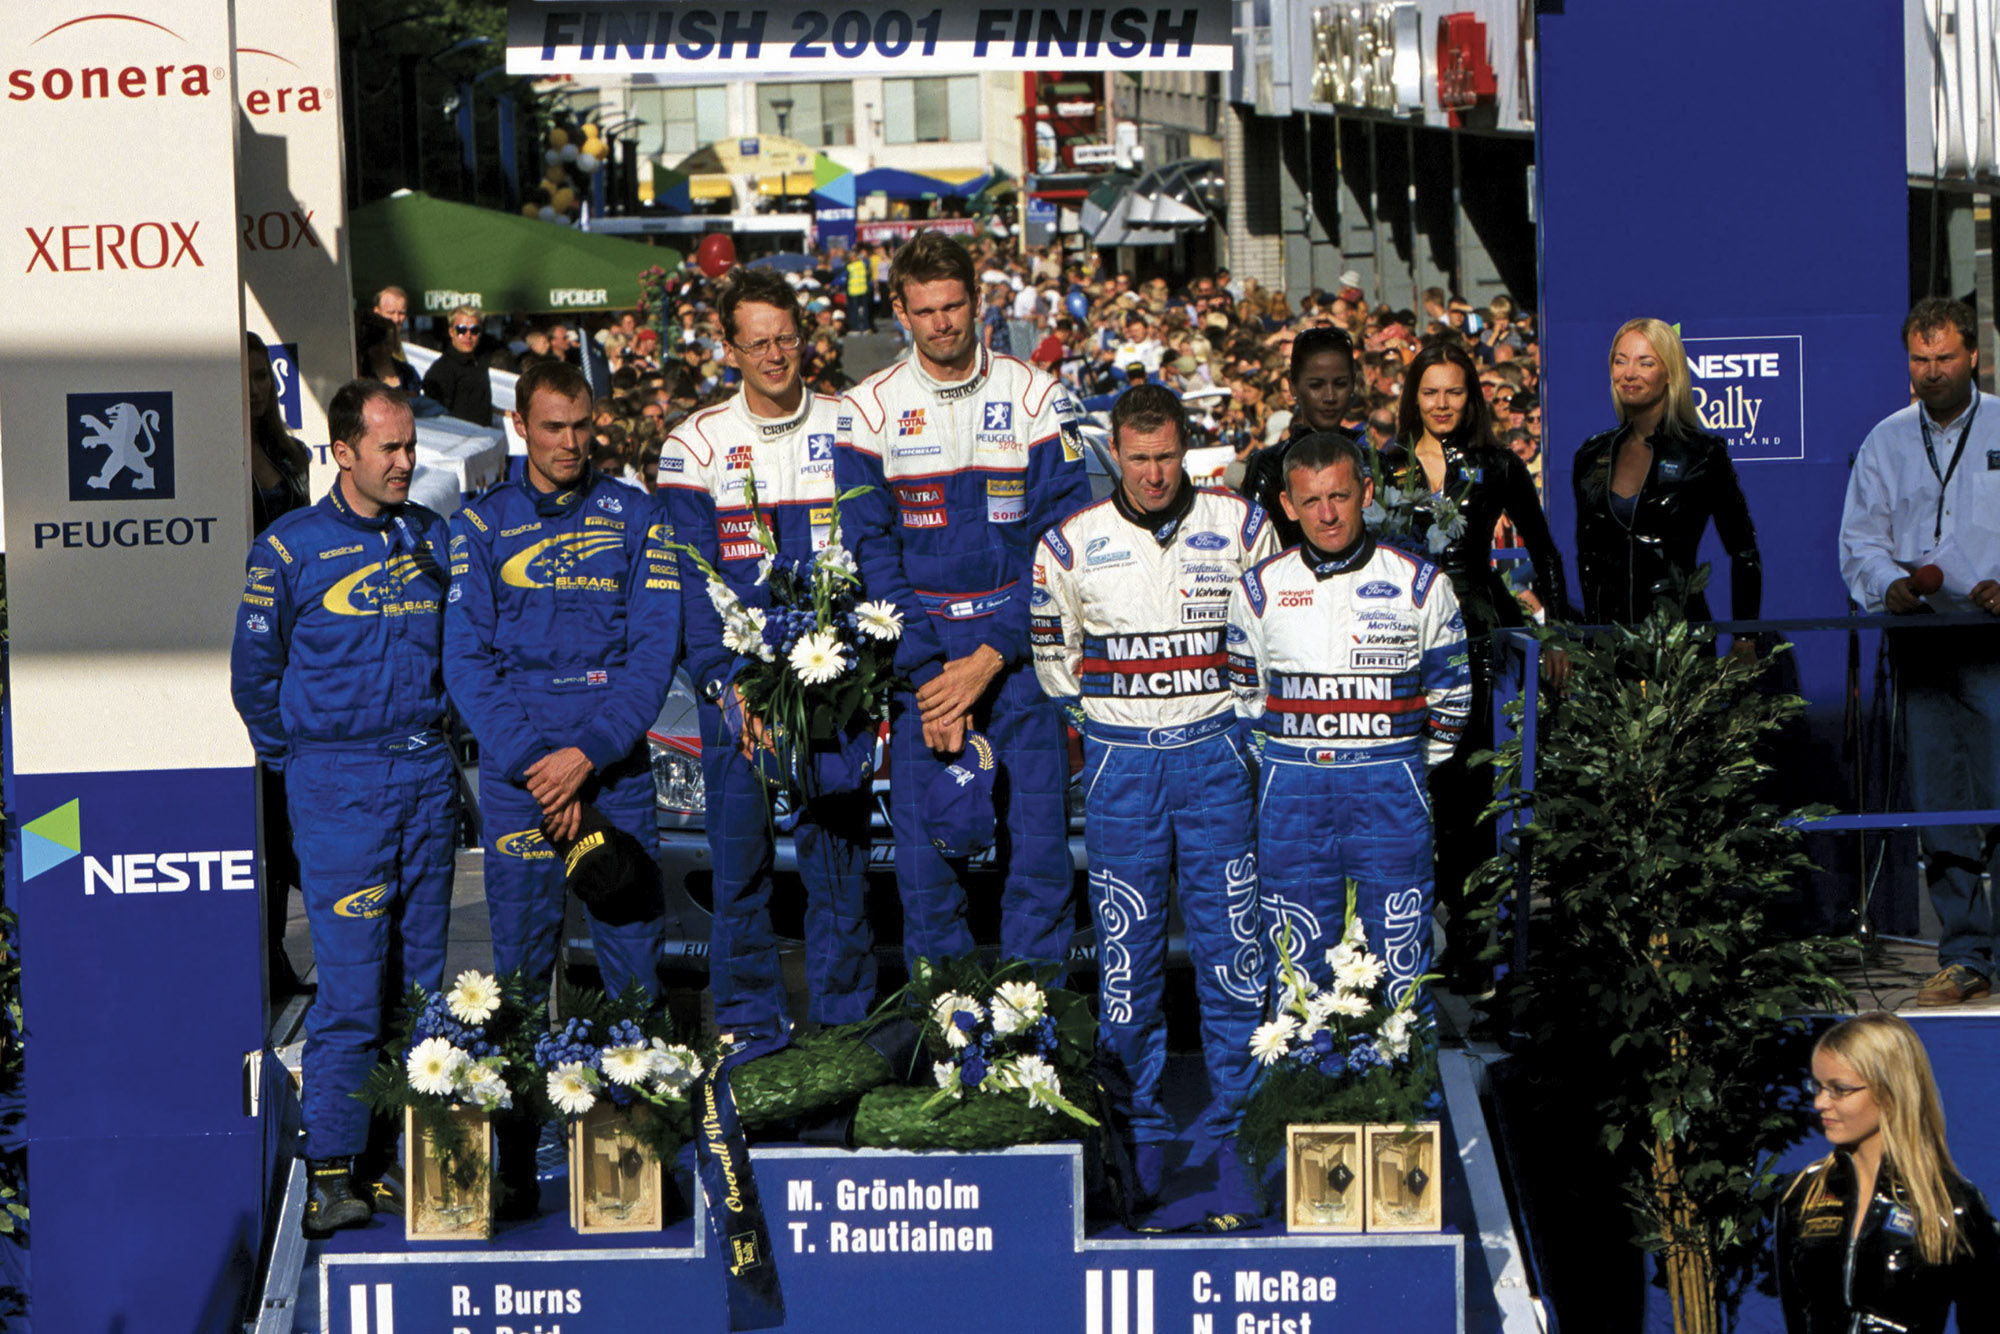 Gronholm Peugeot win WRC 2001